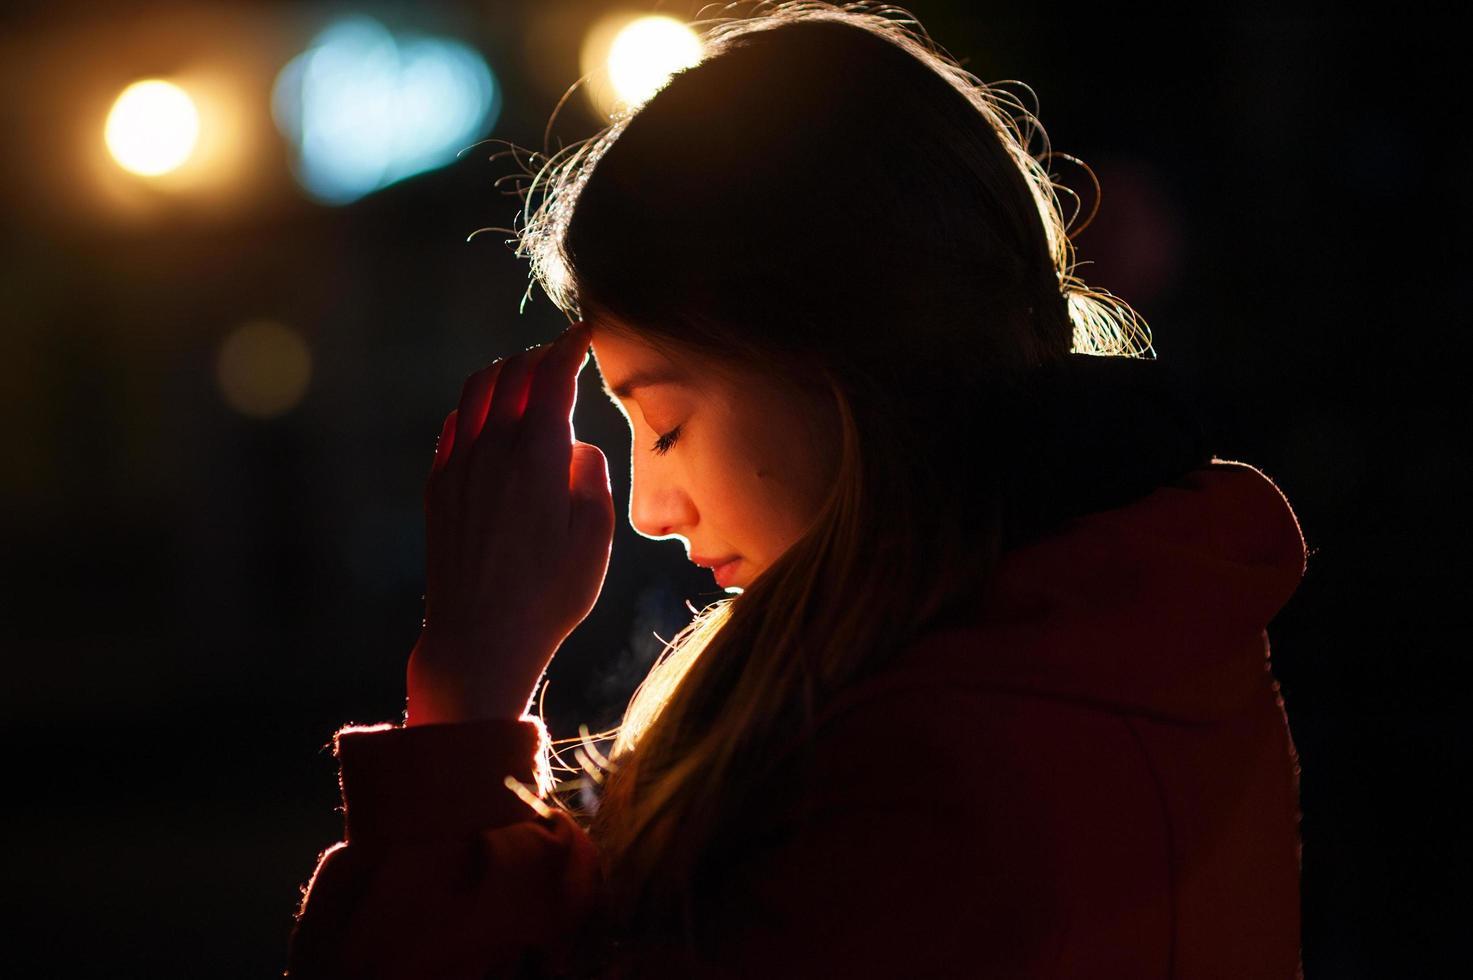 portrait d'une jeune femme aux yeux fermés photo